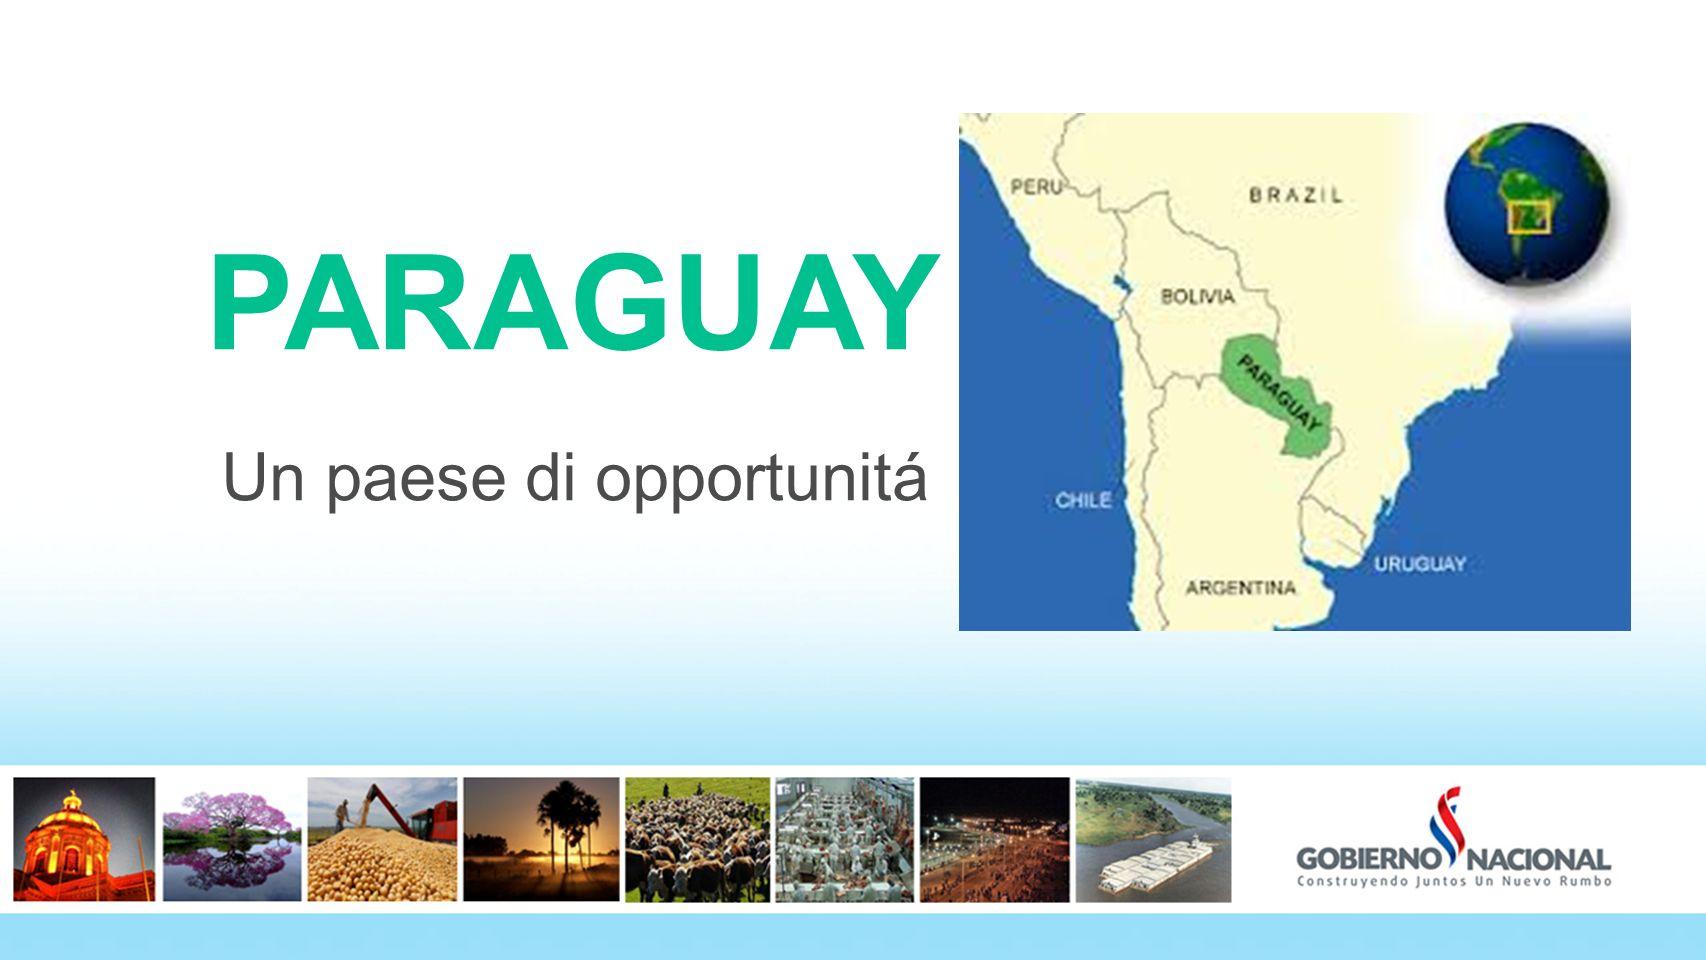 Un paese di opportunitá PARAGUAY